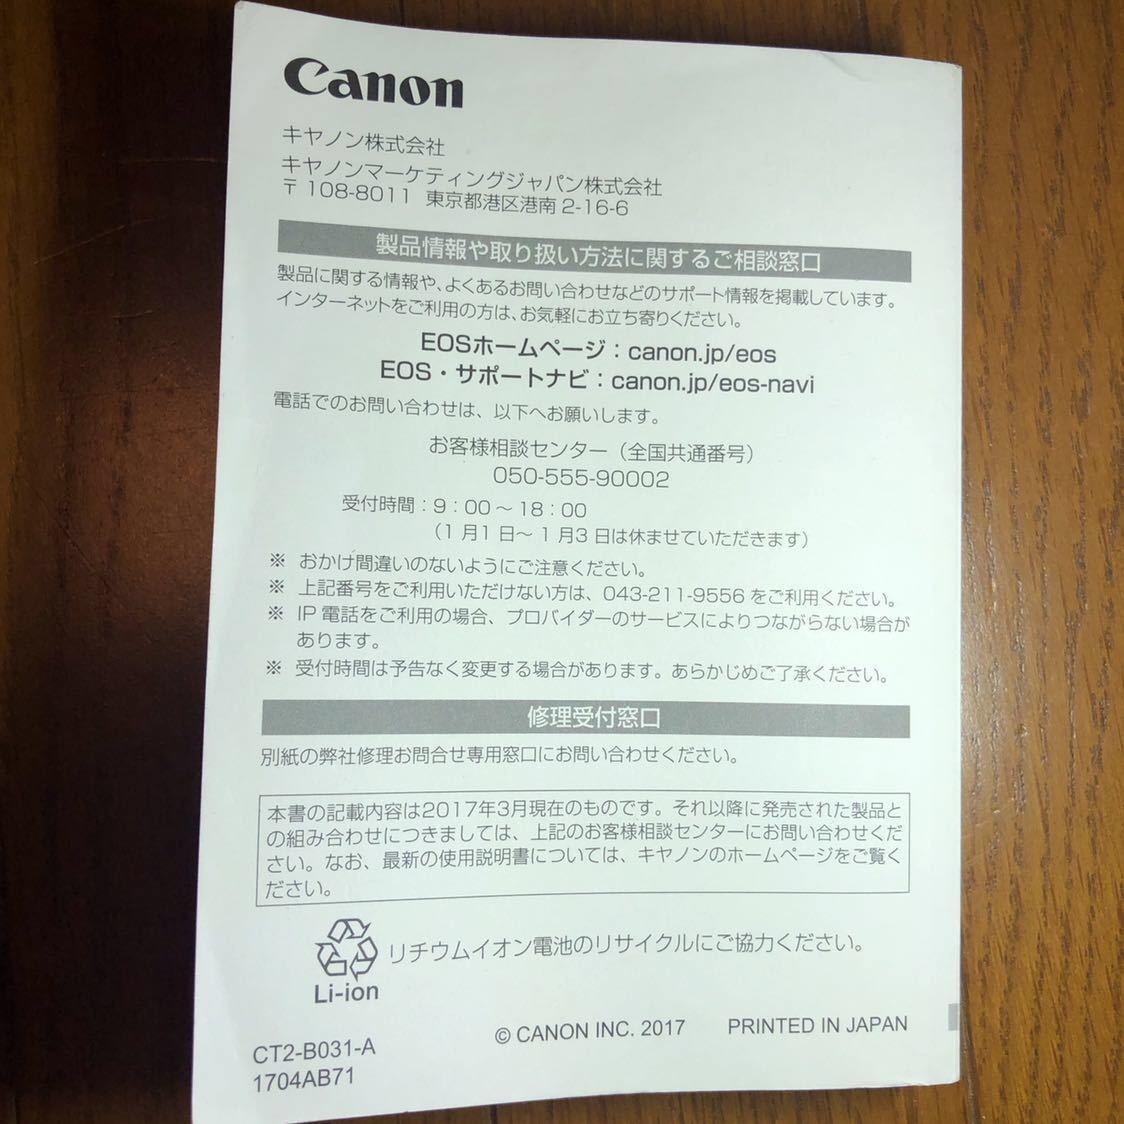 キャノン EOS 6d mark Ⅱ 取扱説明書_画像2